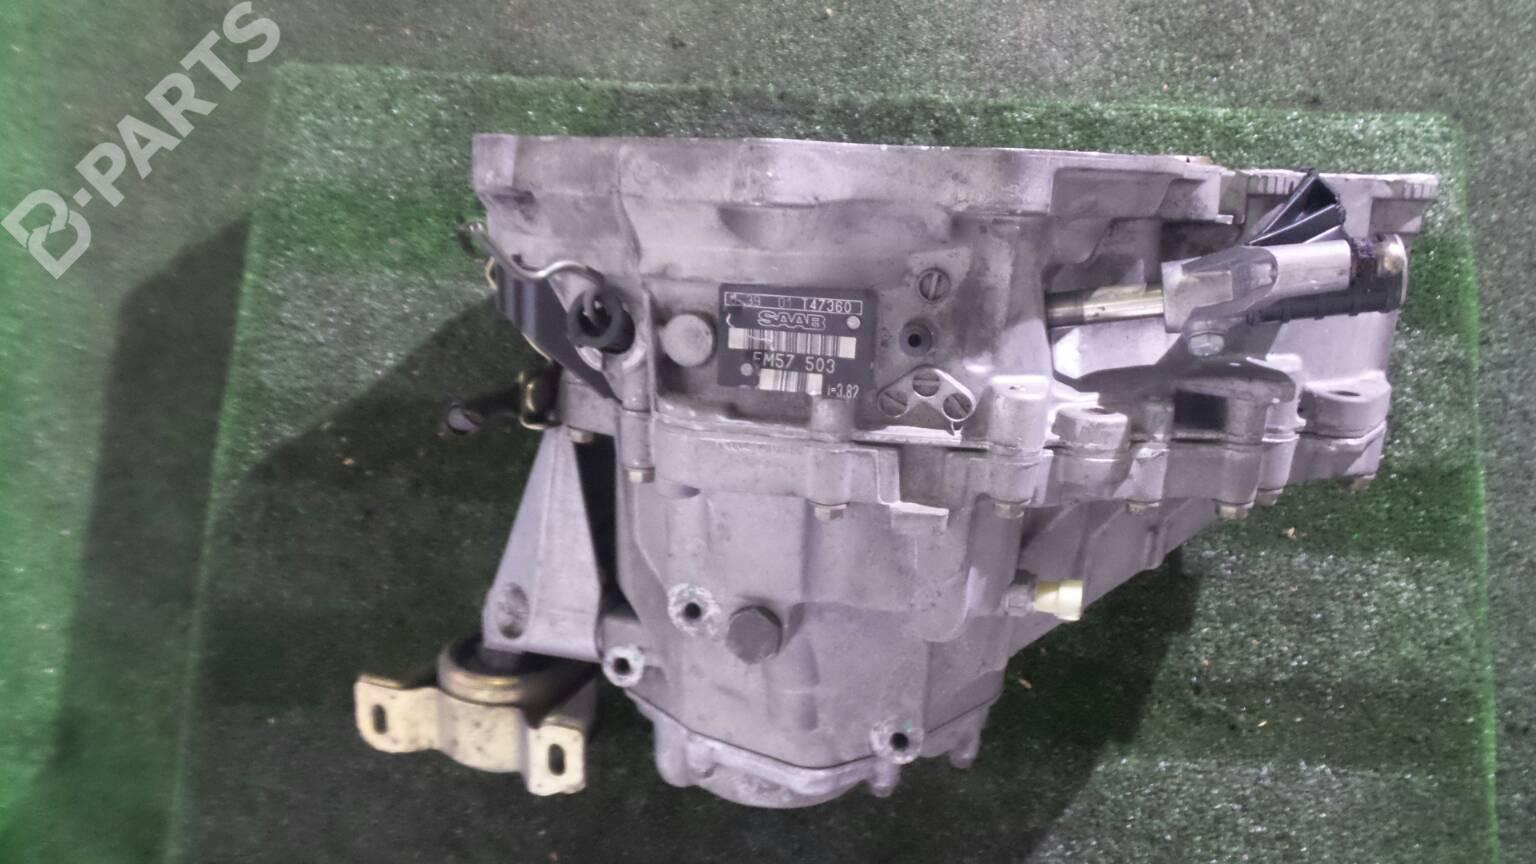 Manual Gearbox Saab 9 3 Ys3d 22 Tid 125466 2000 Engine Diagram Fm 57503 Tid5